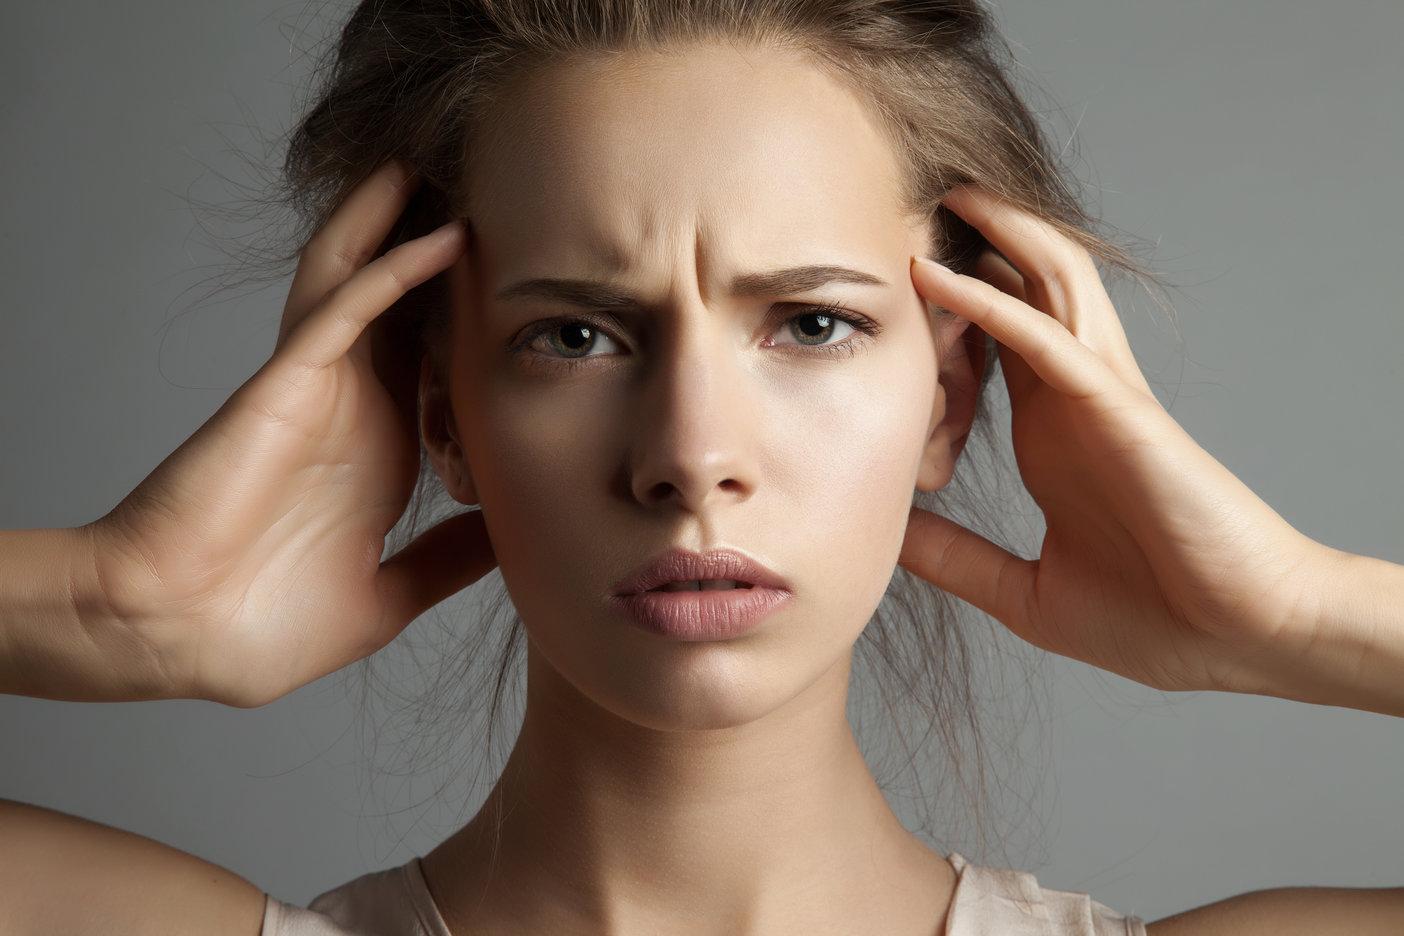 Классификация и функции чувств в психологии